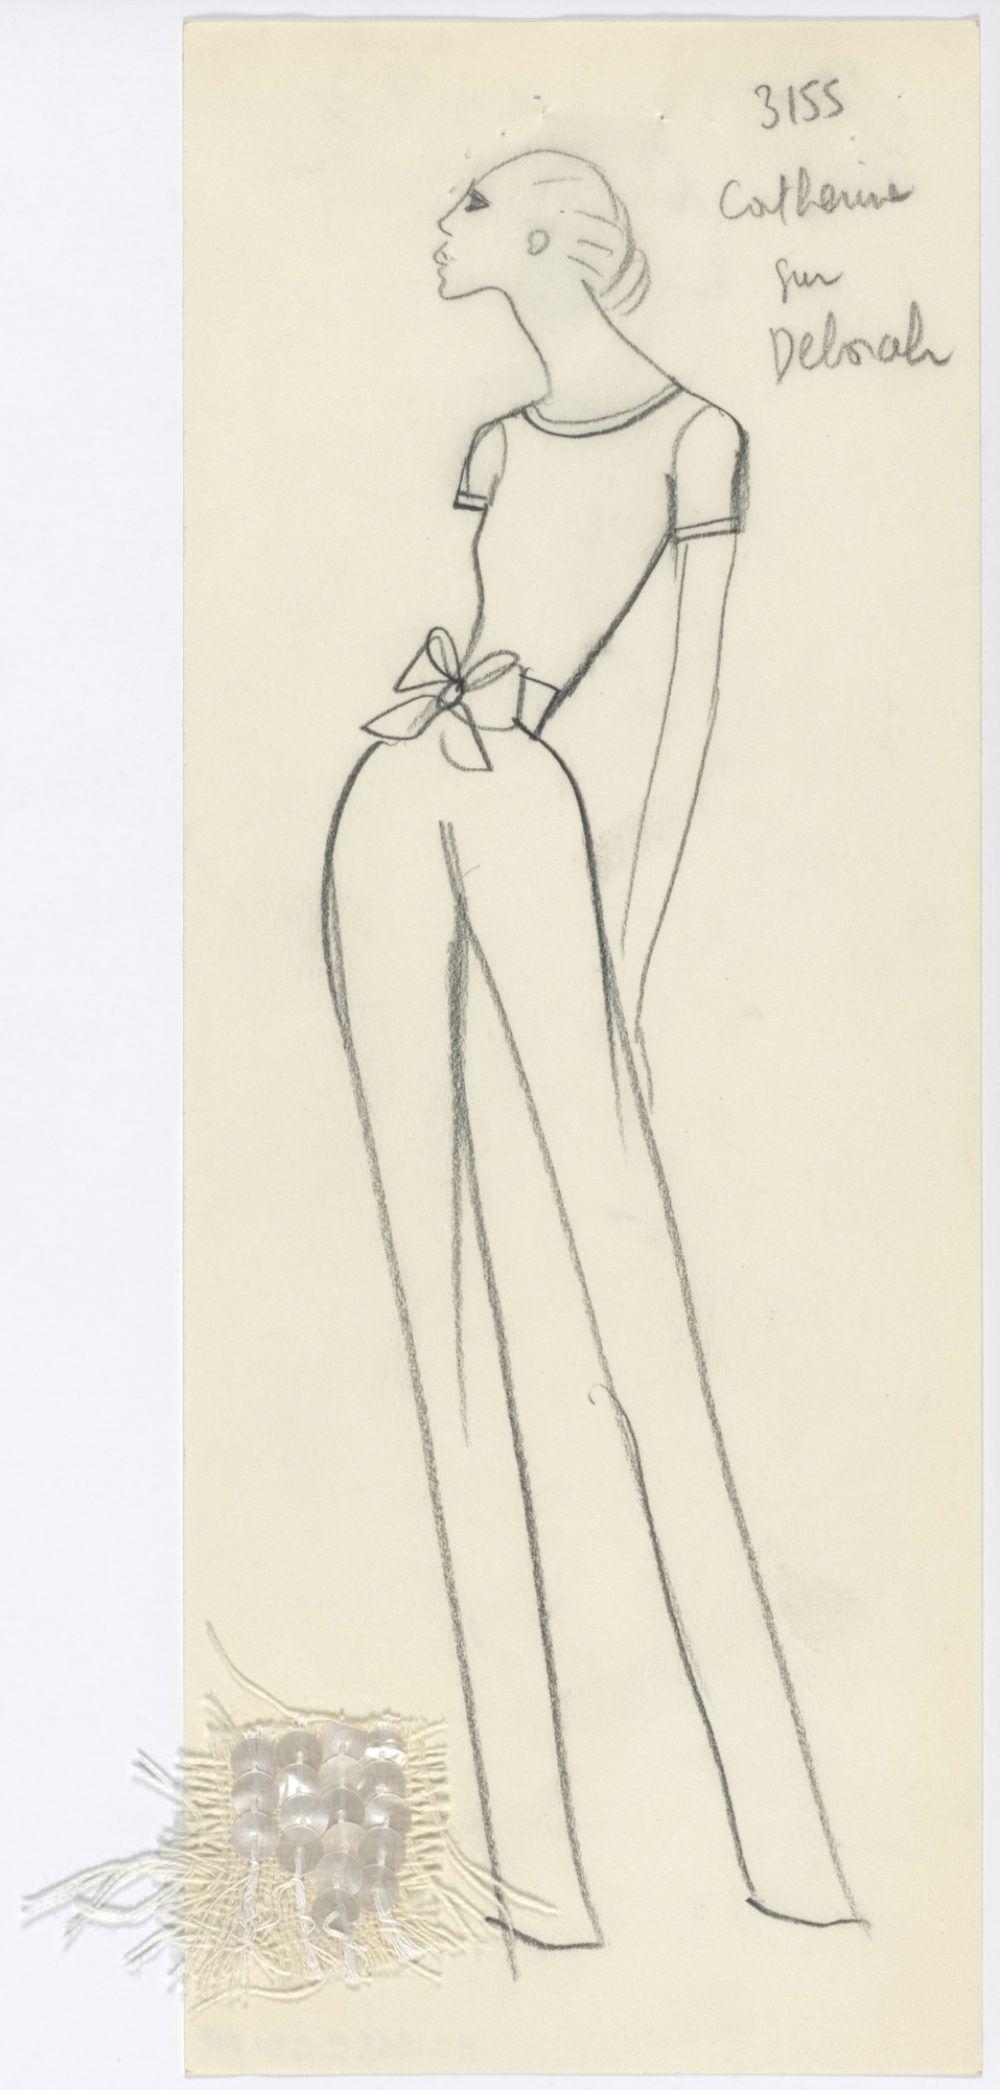 46cde196094 Yves Saint Laurent sketch of a jumpsuit. Spring-summer 1968 haute couture  collection., © Musée Yves Saint Laurent Paris